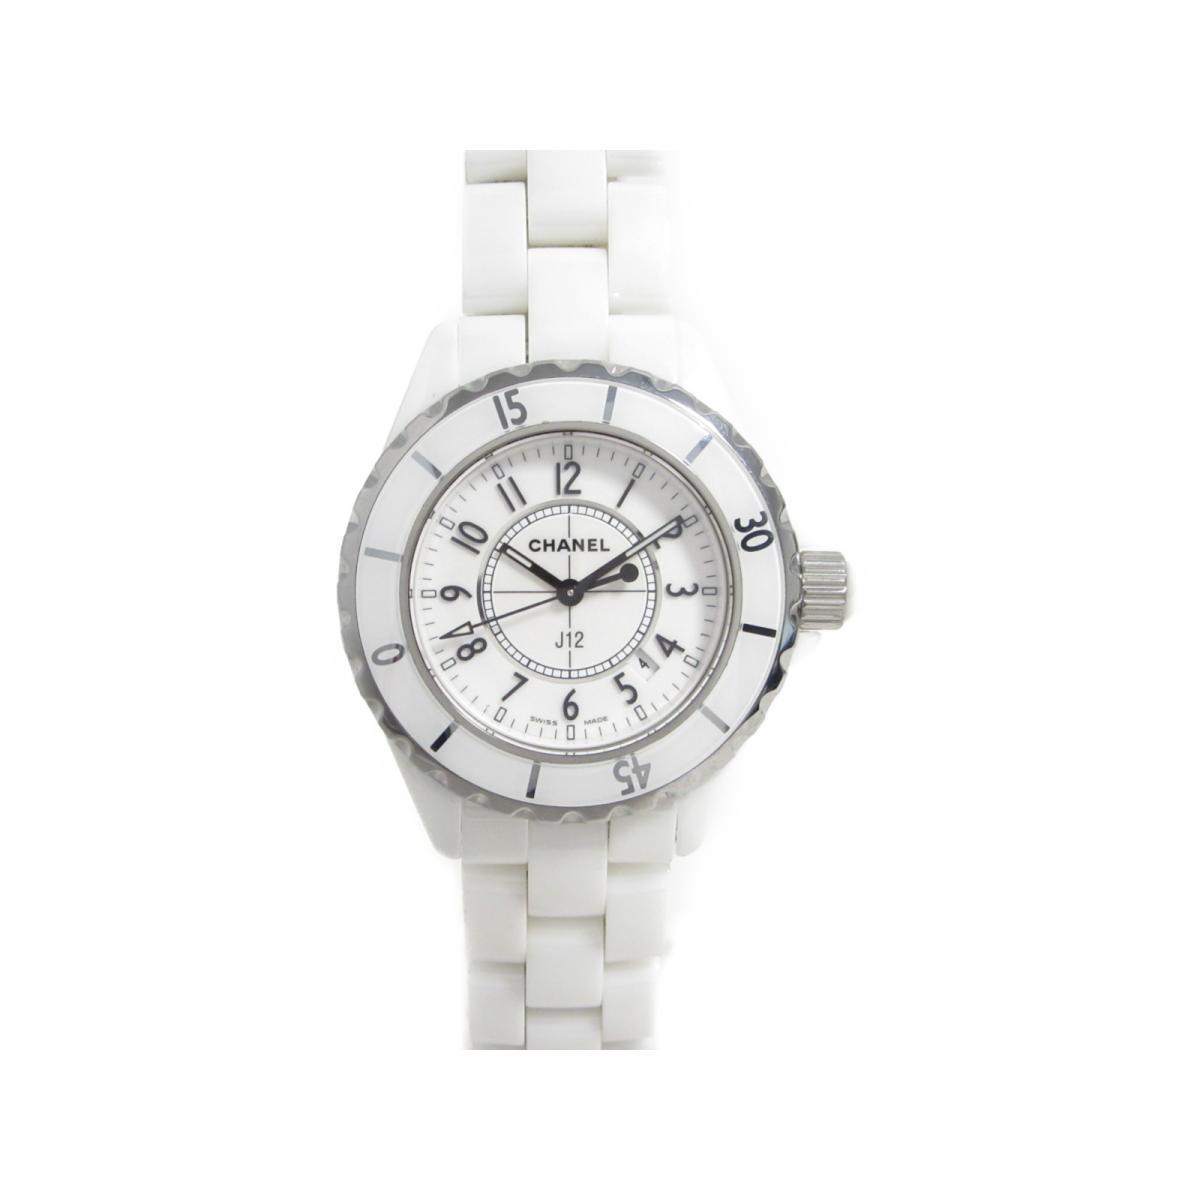 J12 腕時計 レディース/人気/お洒落/SALE/お買得品